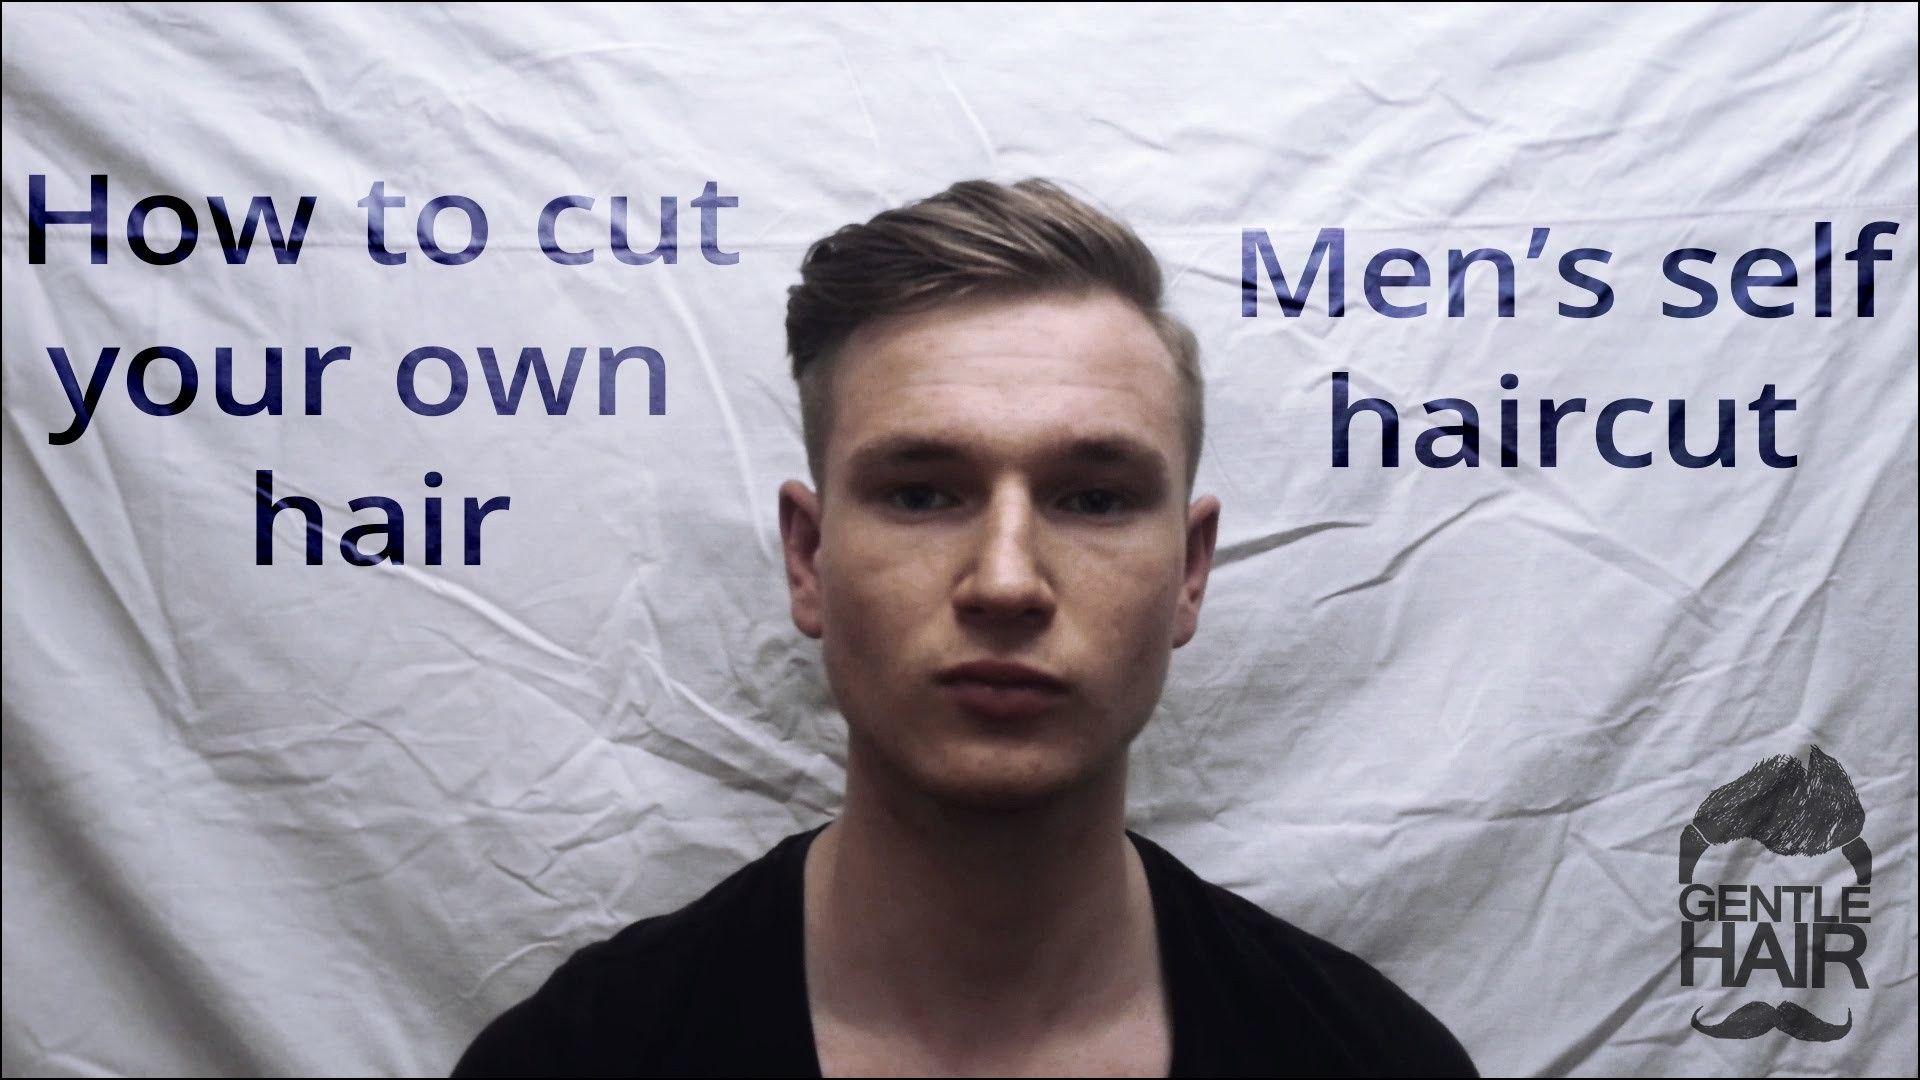 Fashionable mens haircuts men self haircut  hairstyles ideas  pinterest  haircut styles